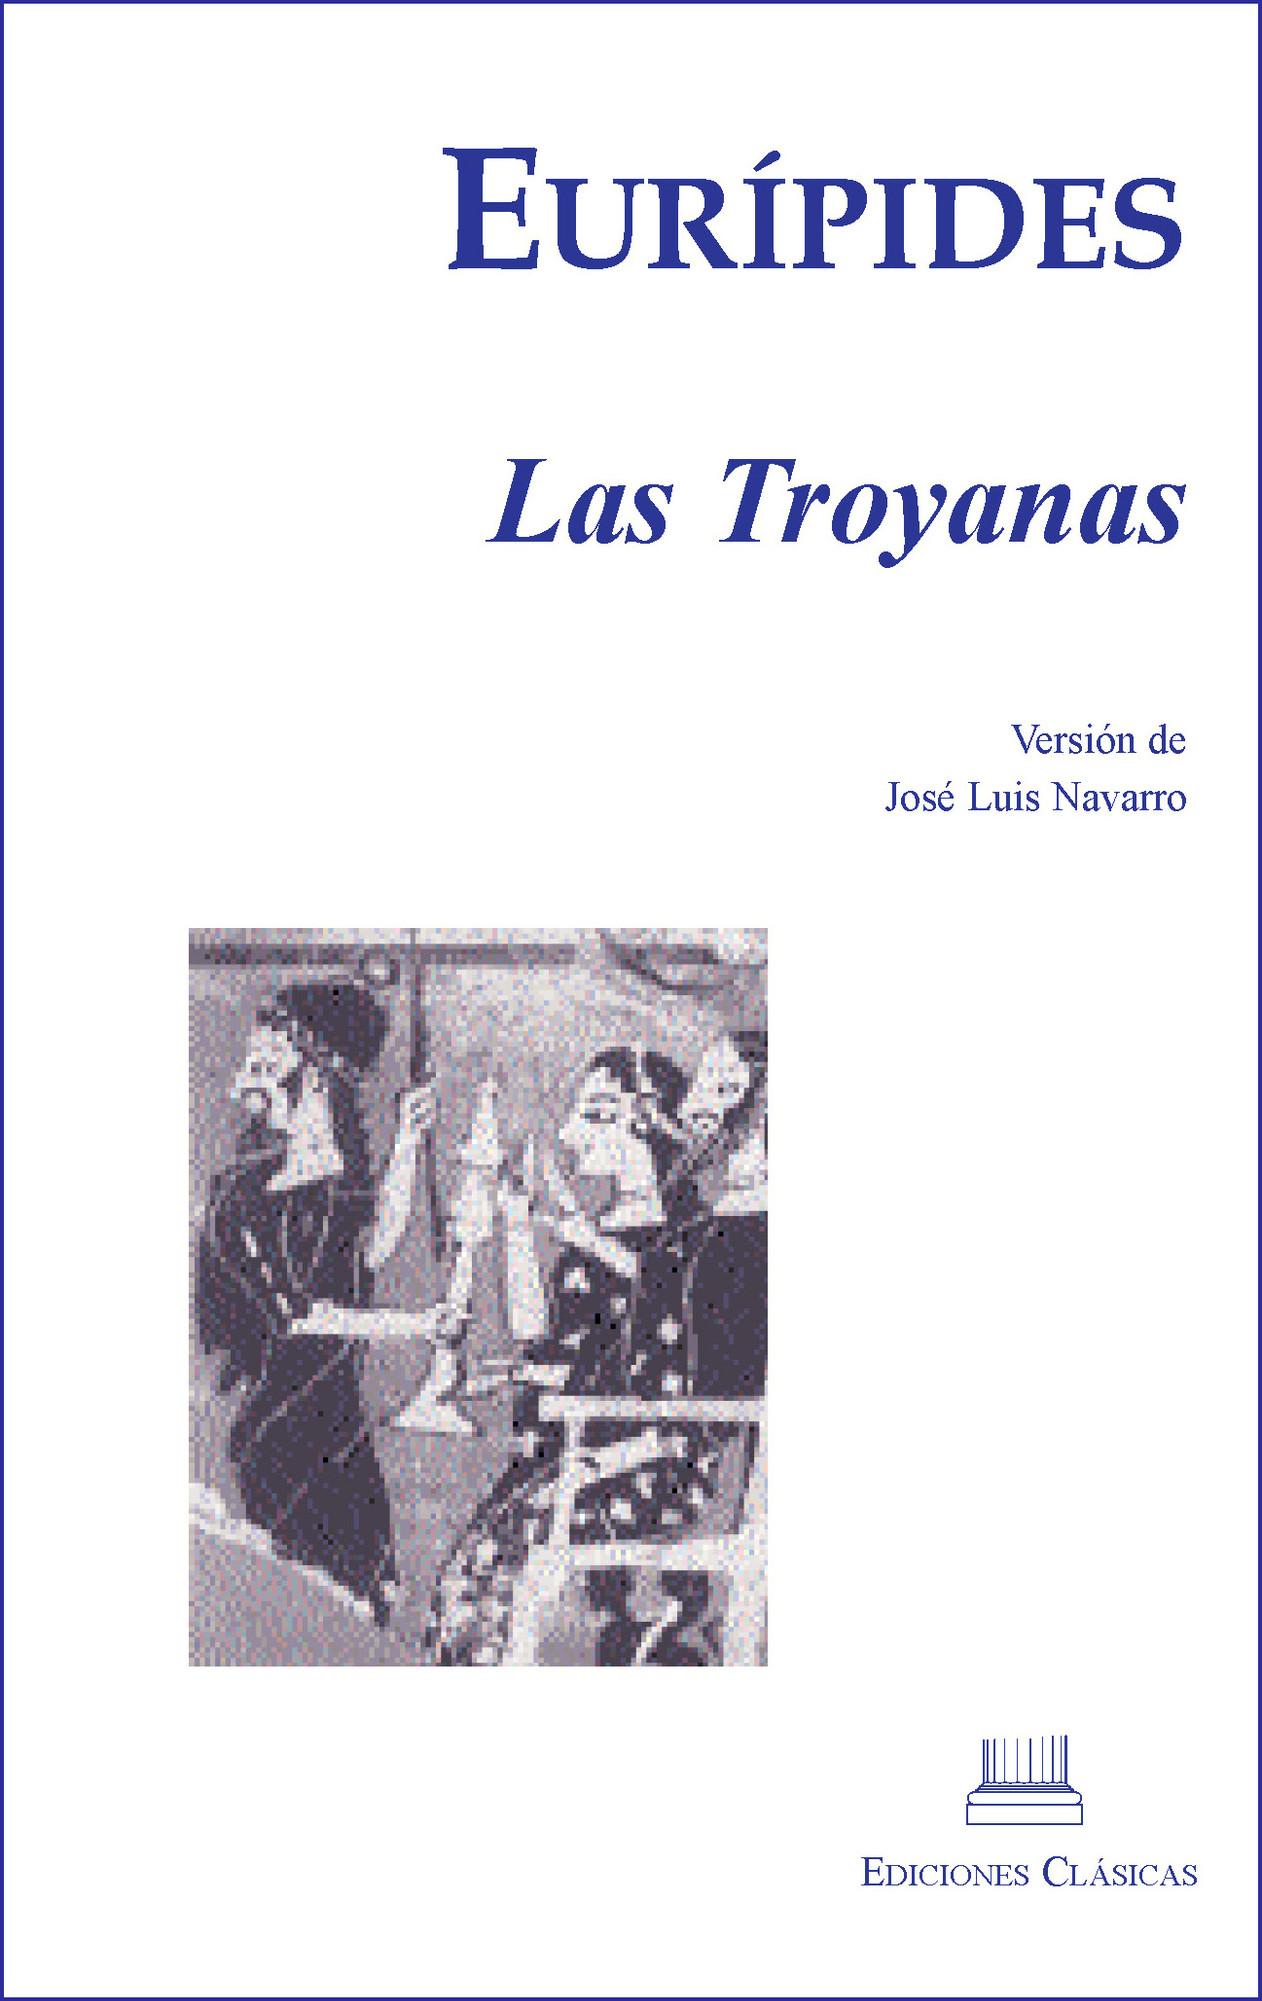 EURÍPIDES, LAS TROYANAS